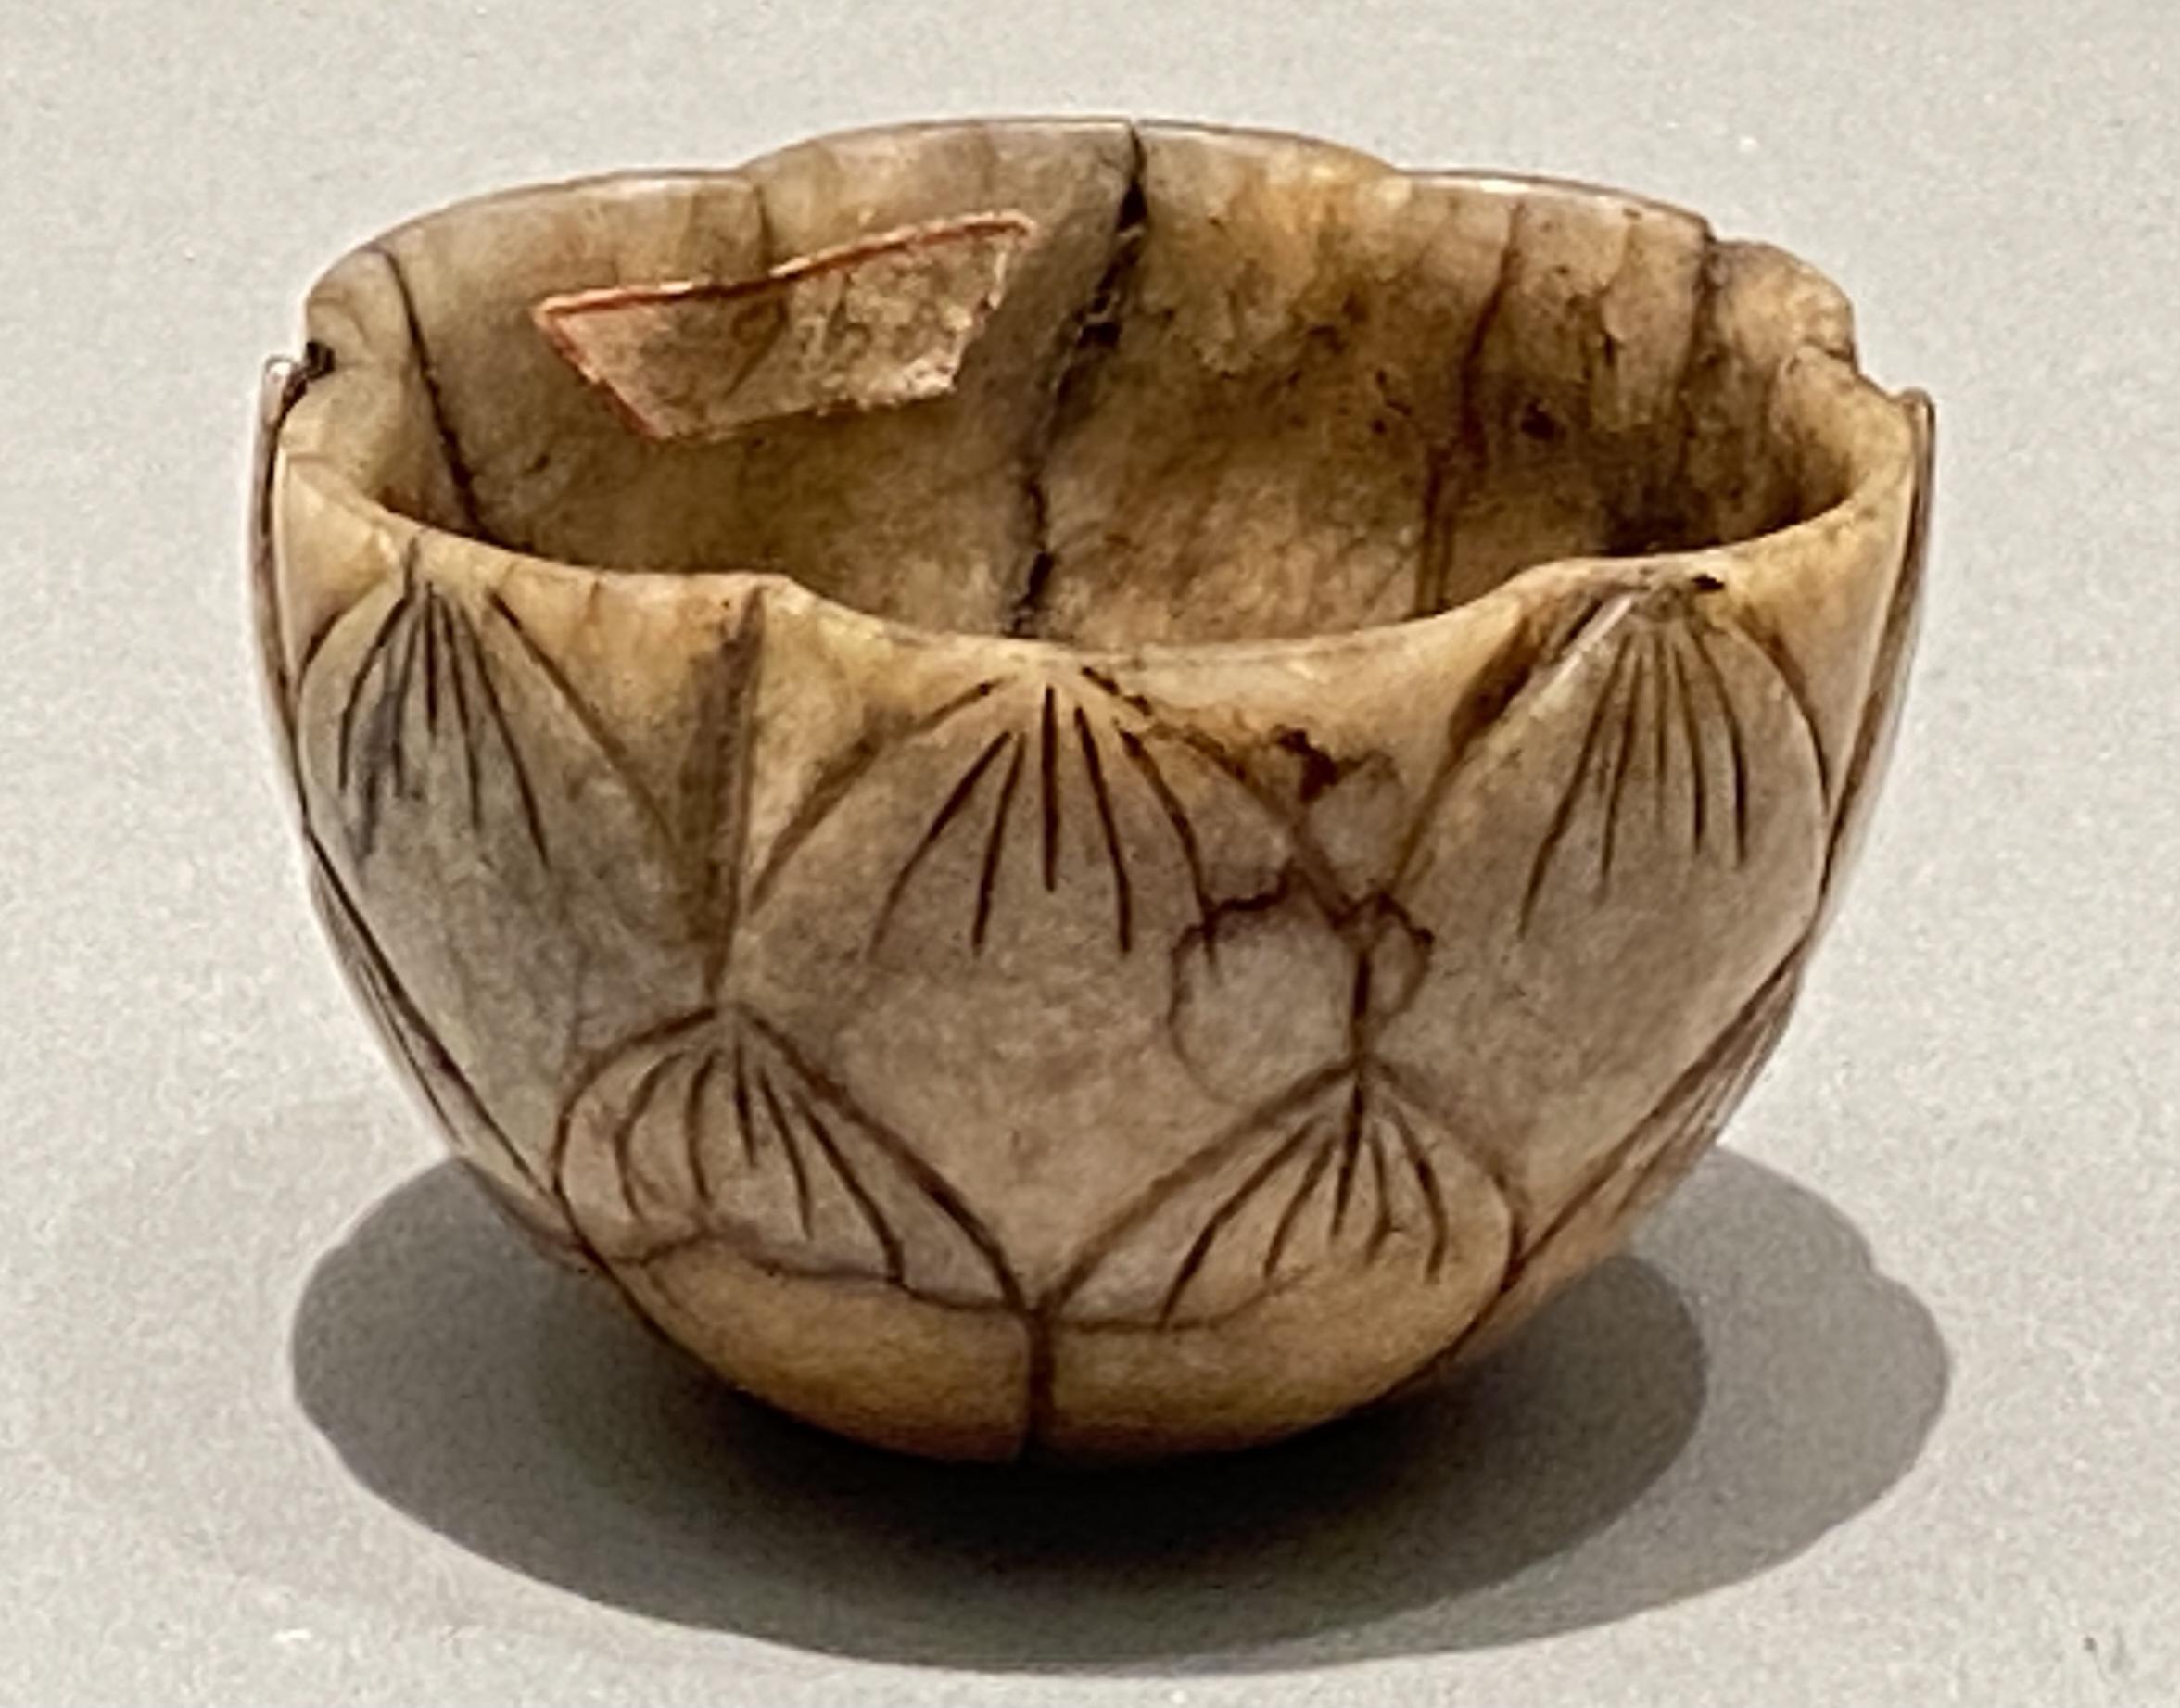 玉蓮花杯-宋時代-特別展【食味人間】四川博物院・中国国家博物館